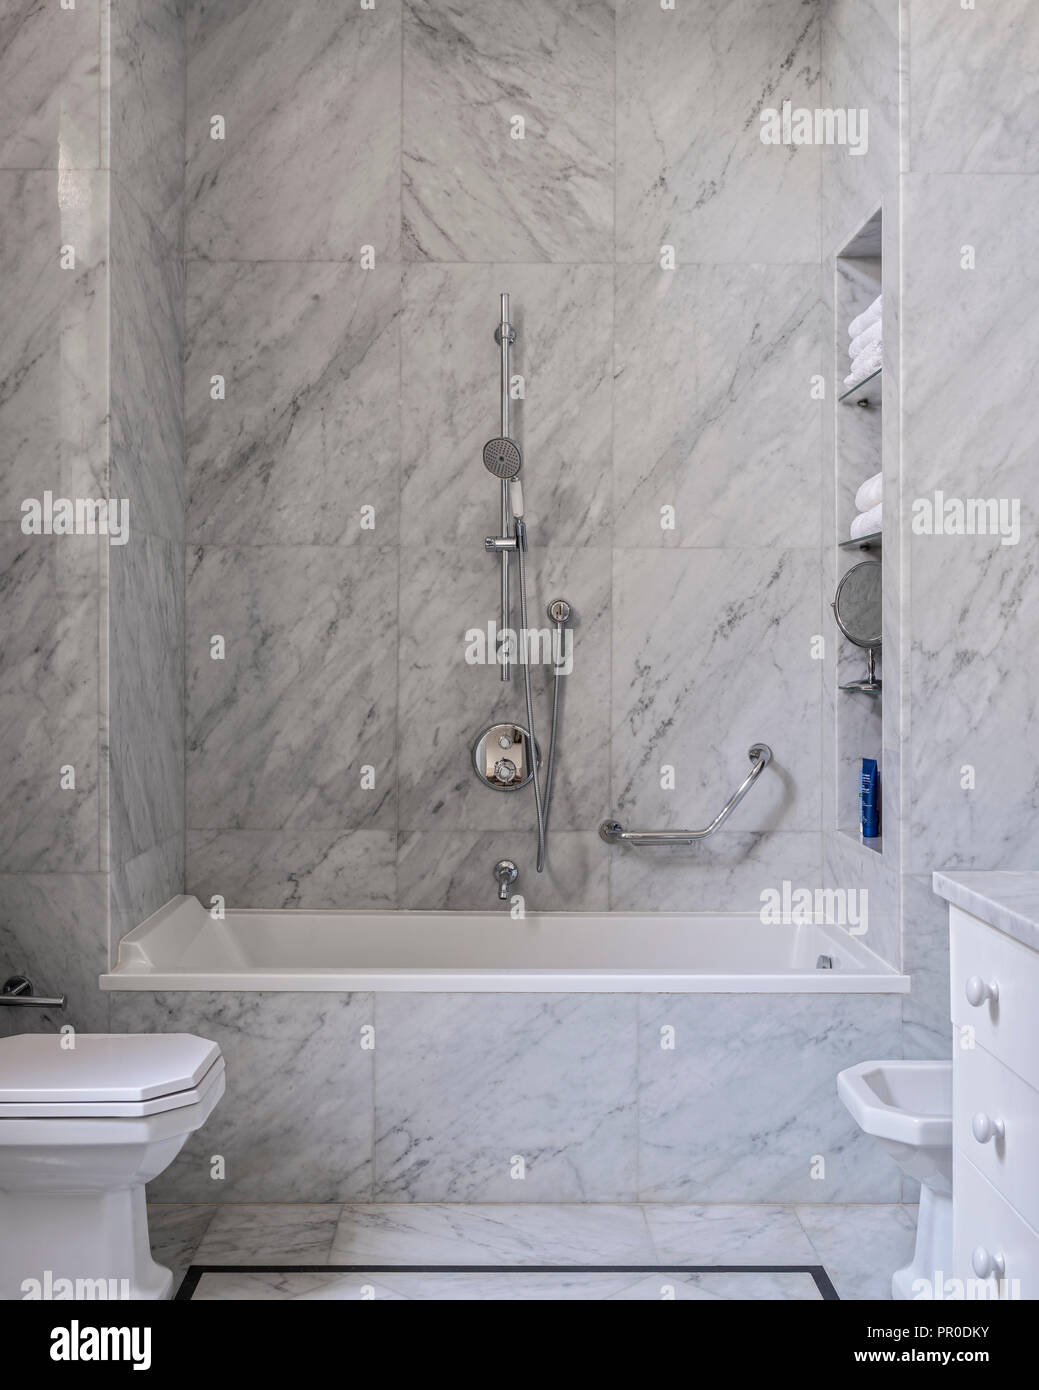 Immagini Di Bagni Moderni bagno moderno con il grigio e piastrelle di marmo bianco